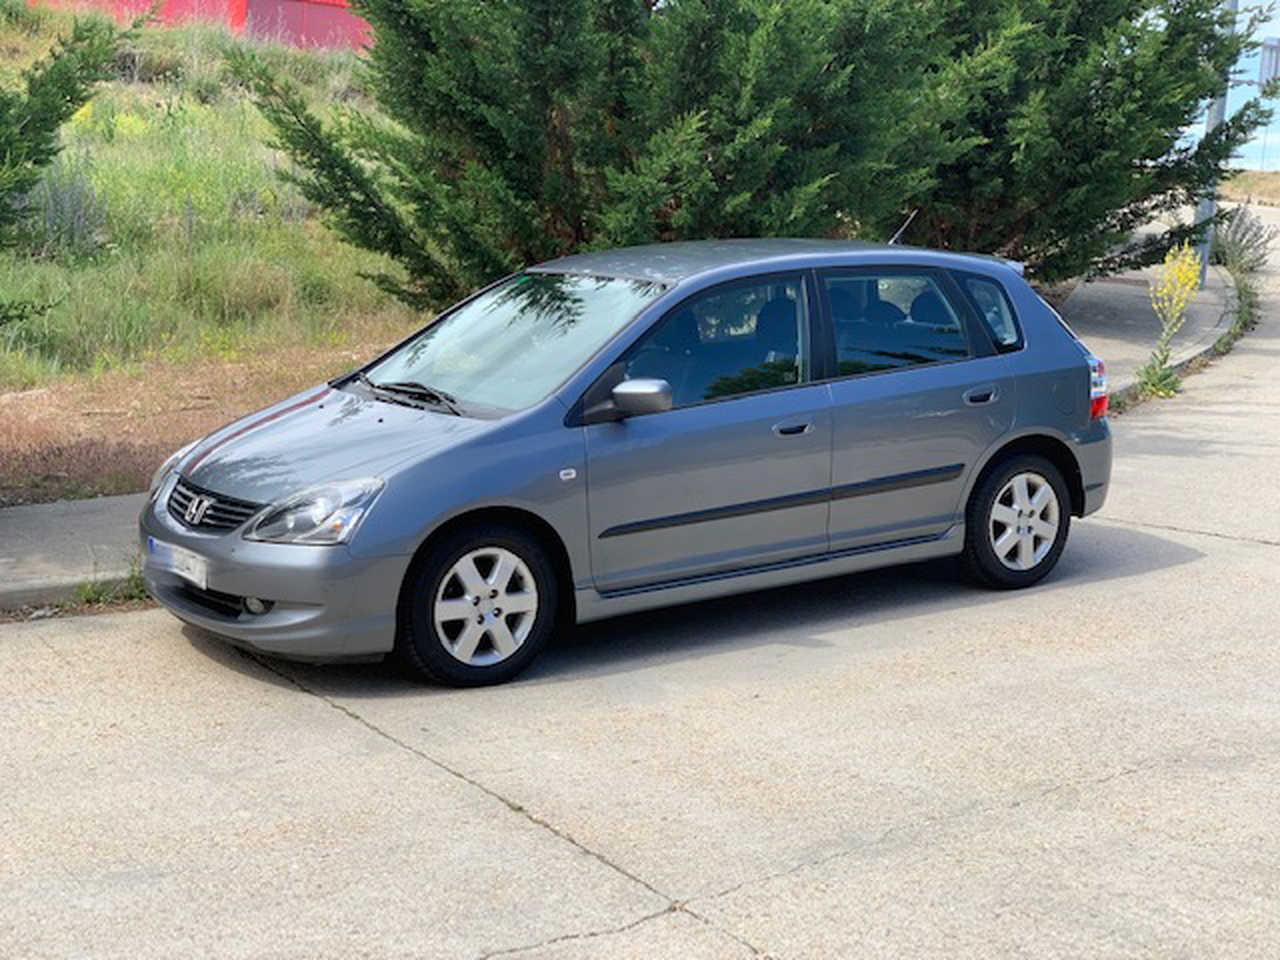 Honda Civic 1.7 CTDI   - Foto 1